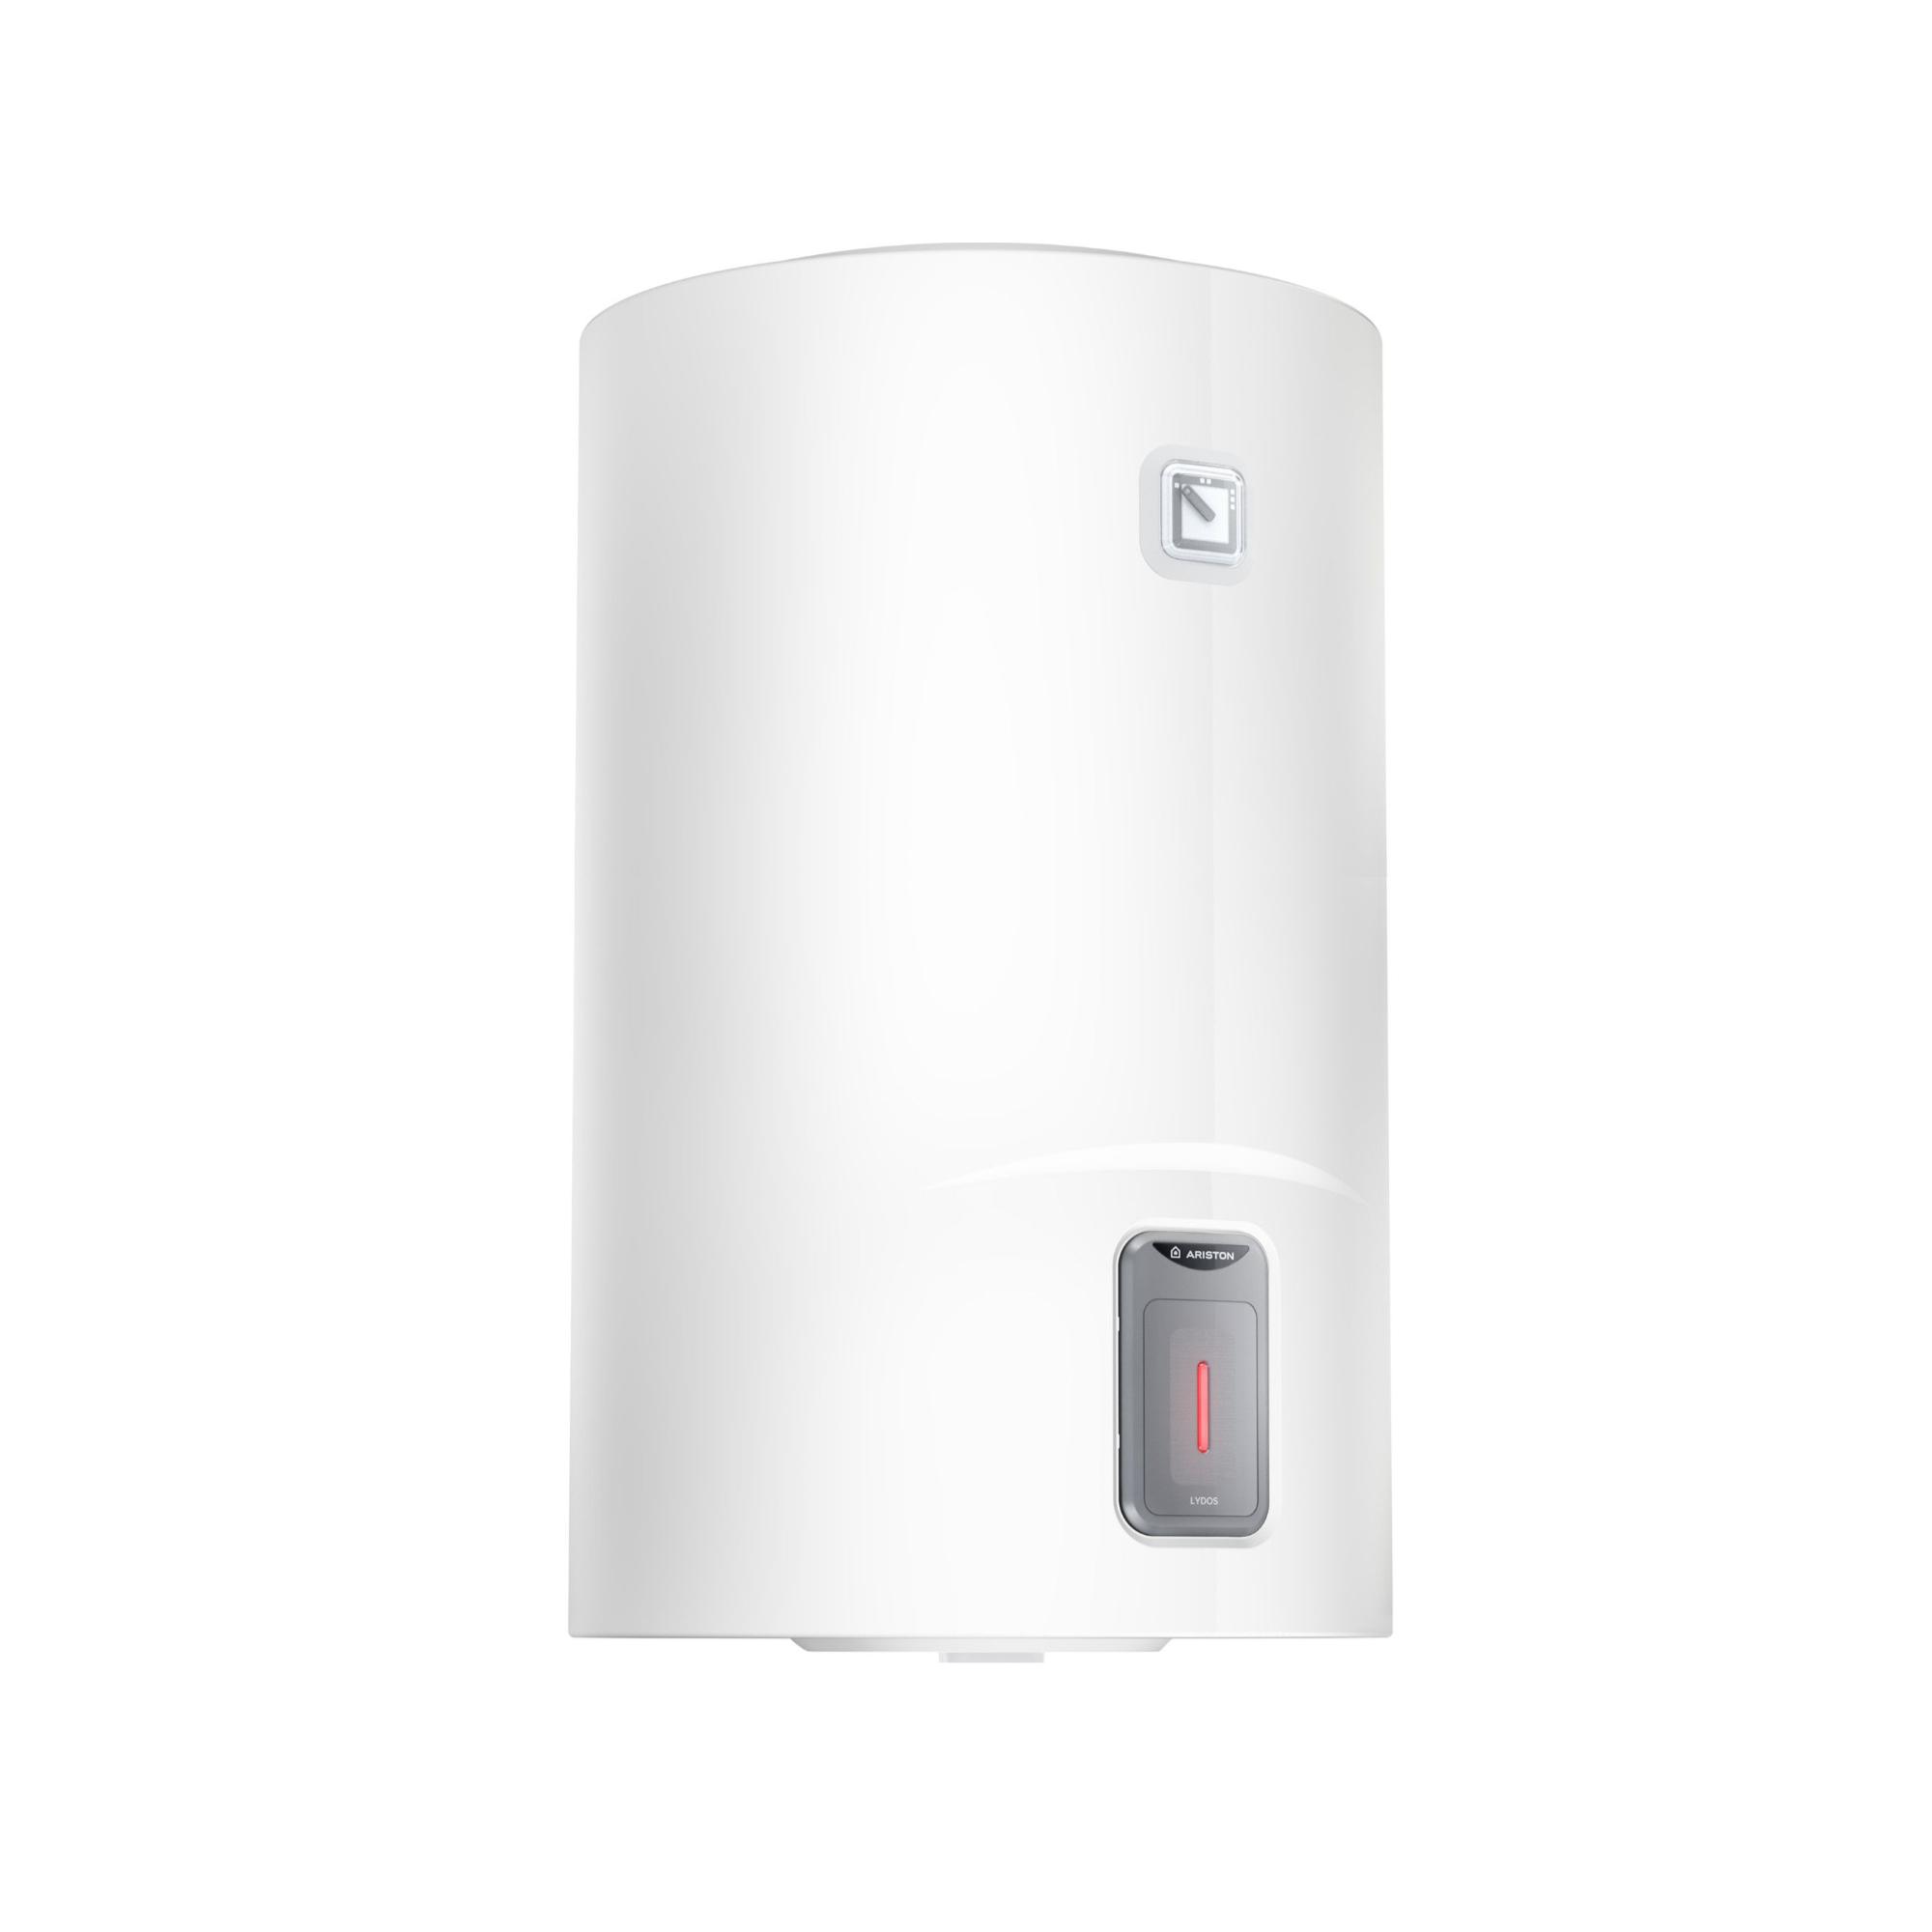 Elektrický ohřívač vody Ariston LYDOS R 100 V